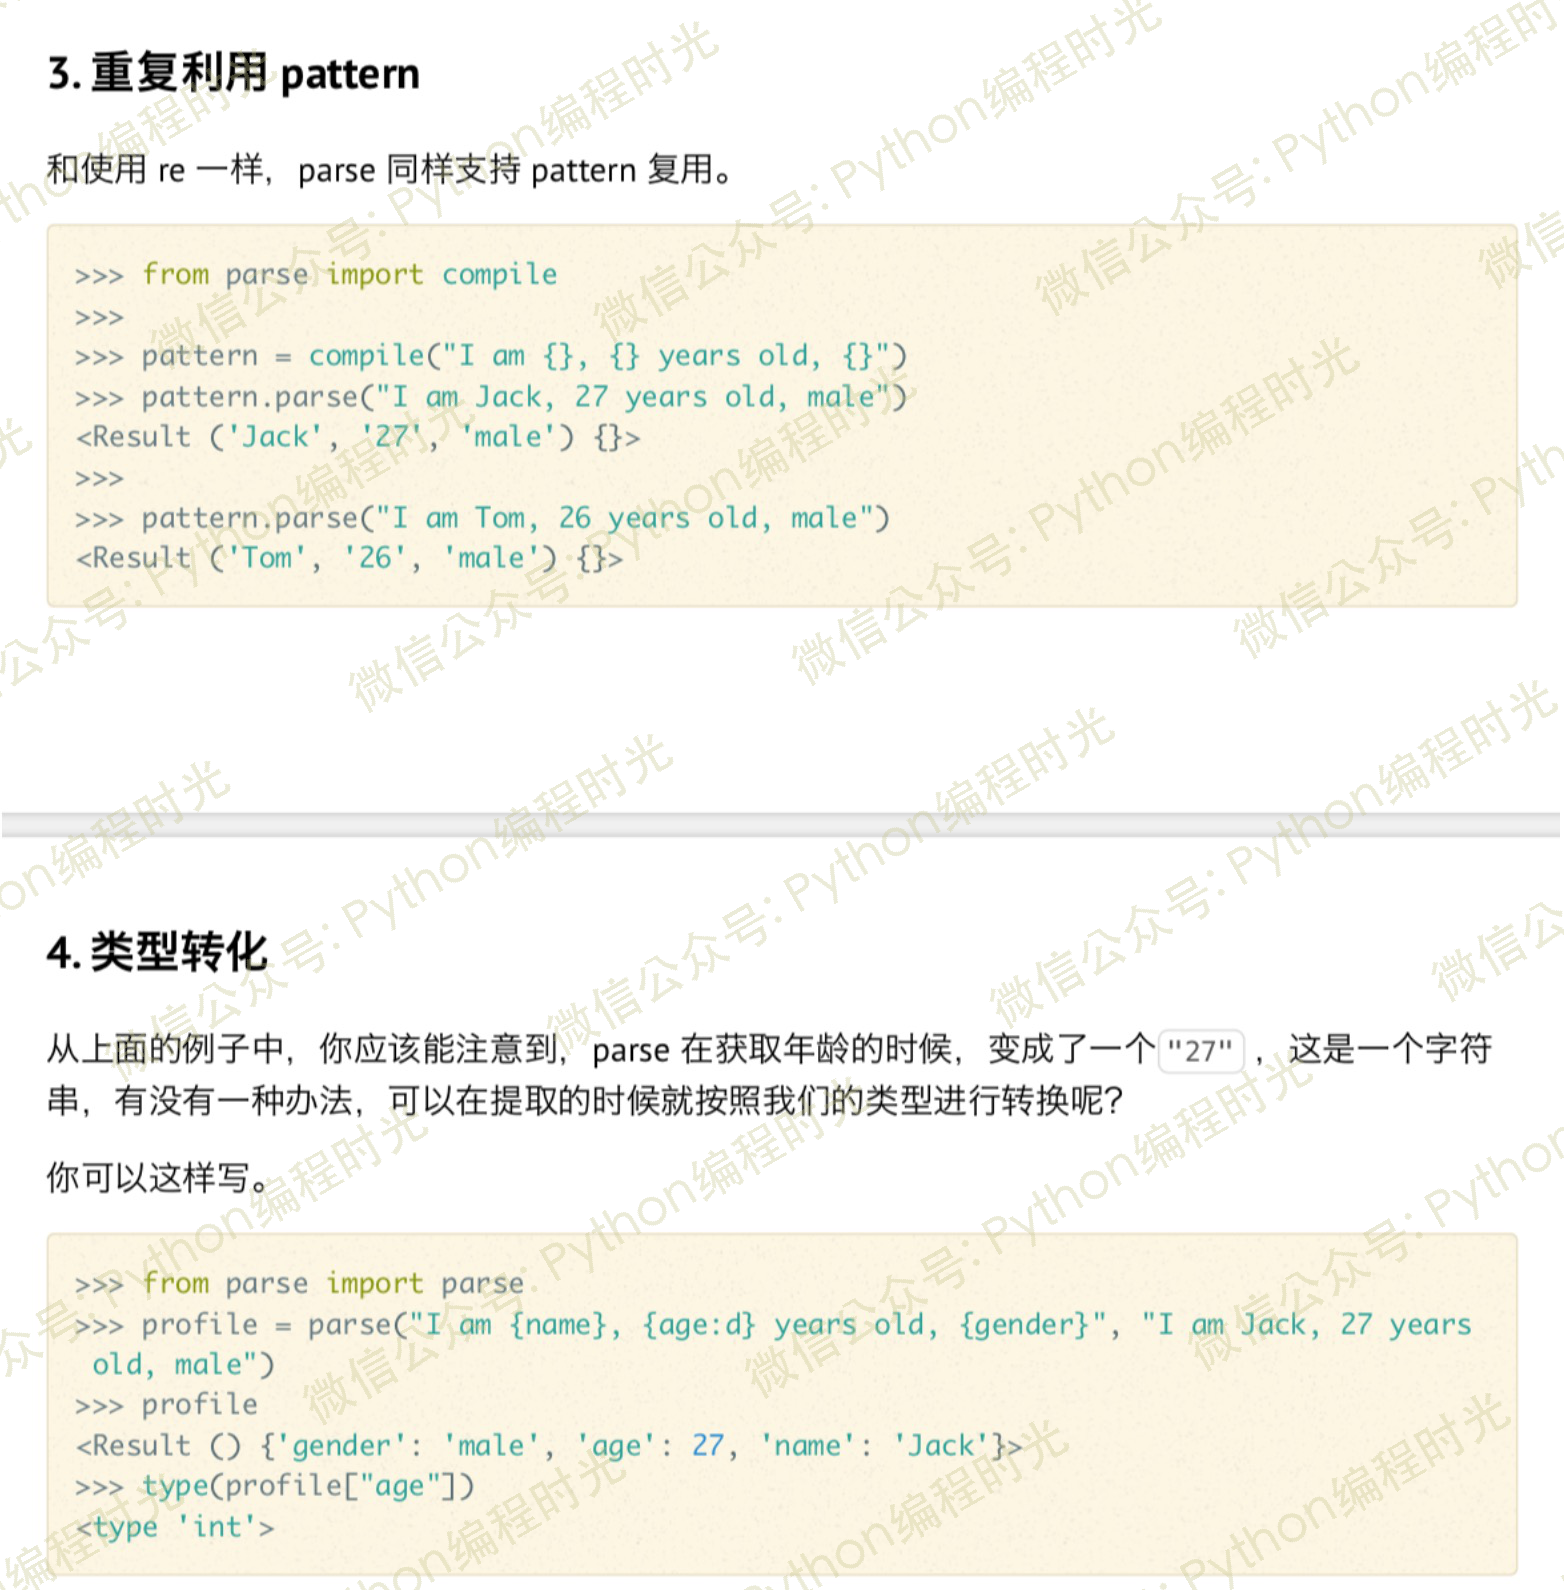 来了!《Python黑魔法指南》v3.0 版本插图(12)